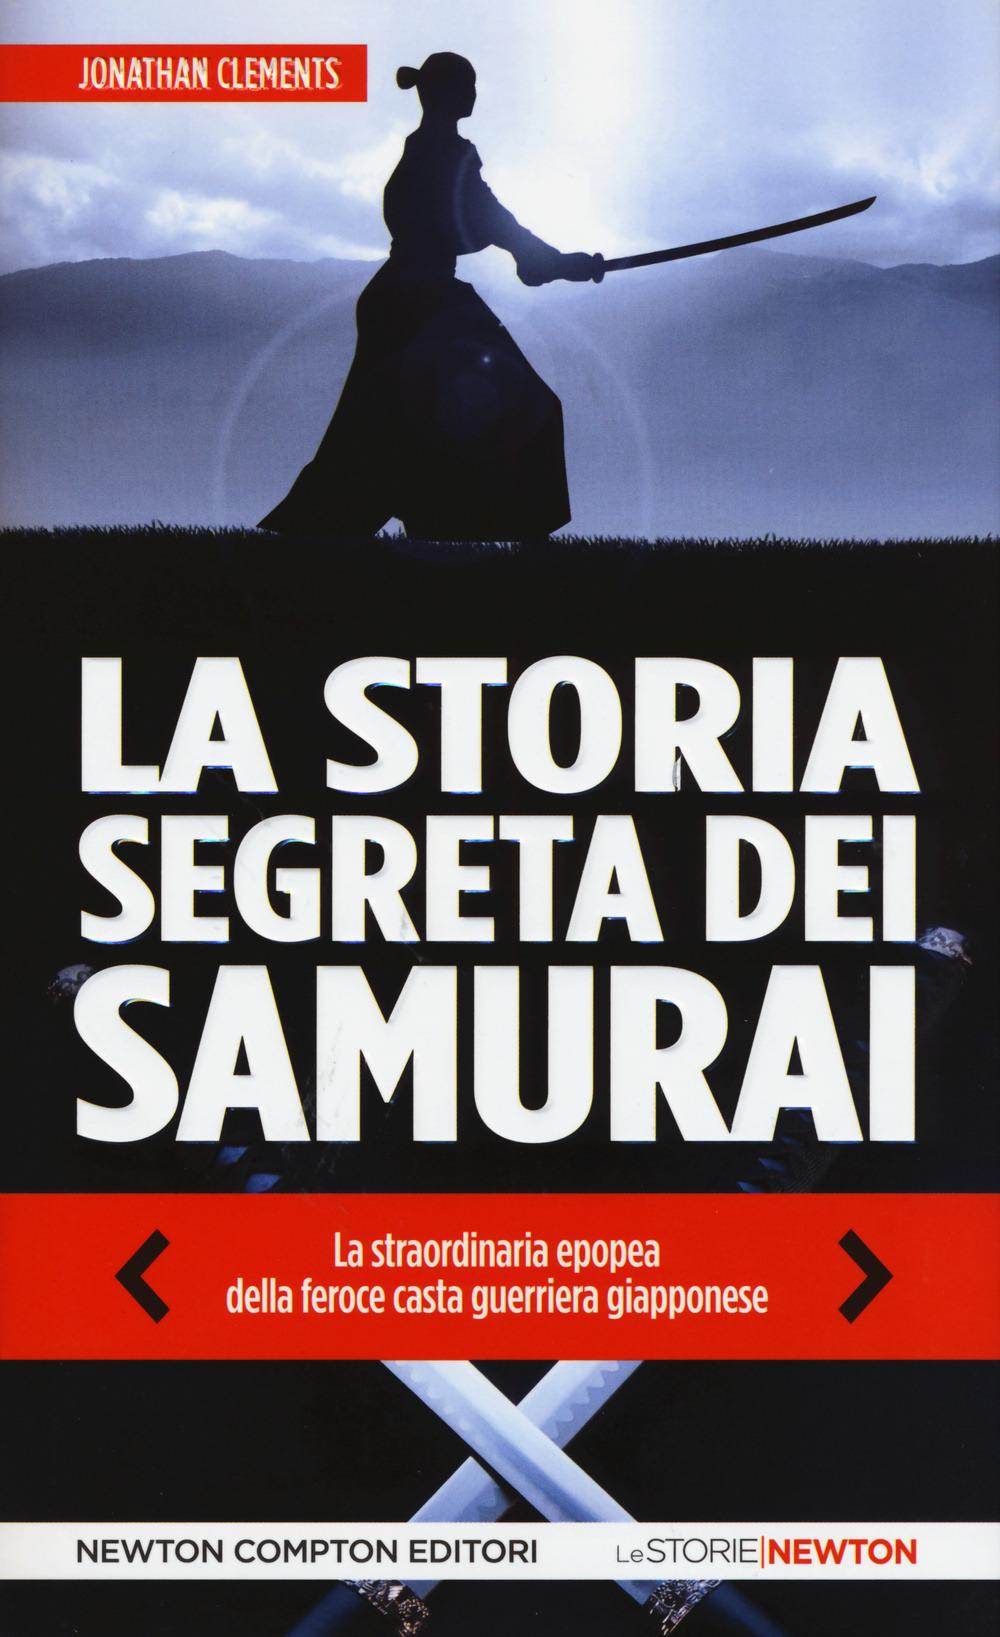 Image of La storia segreta dei samurai